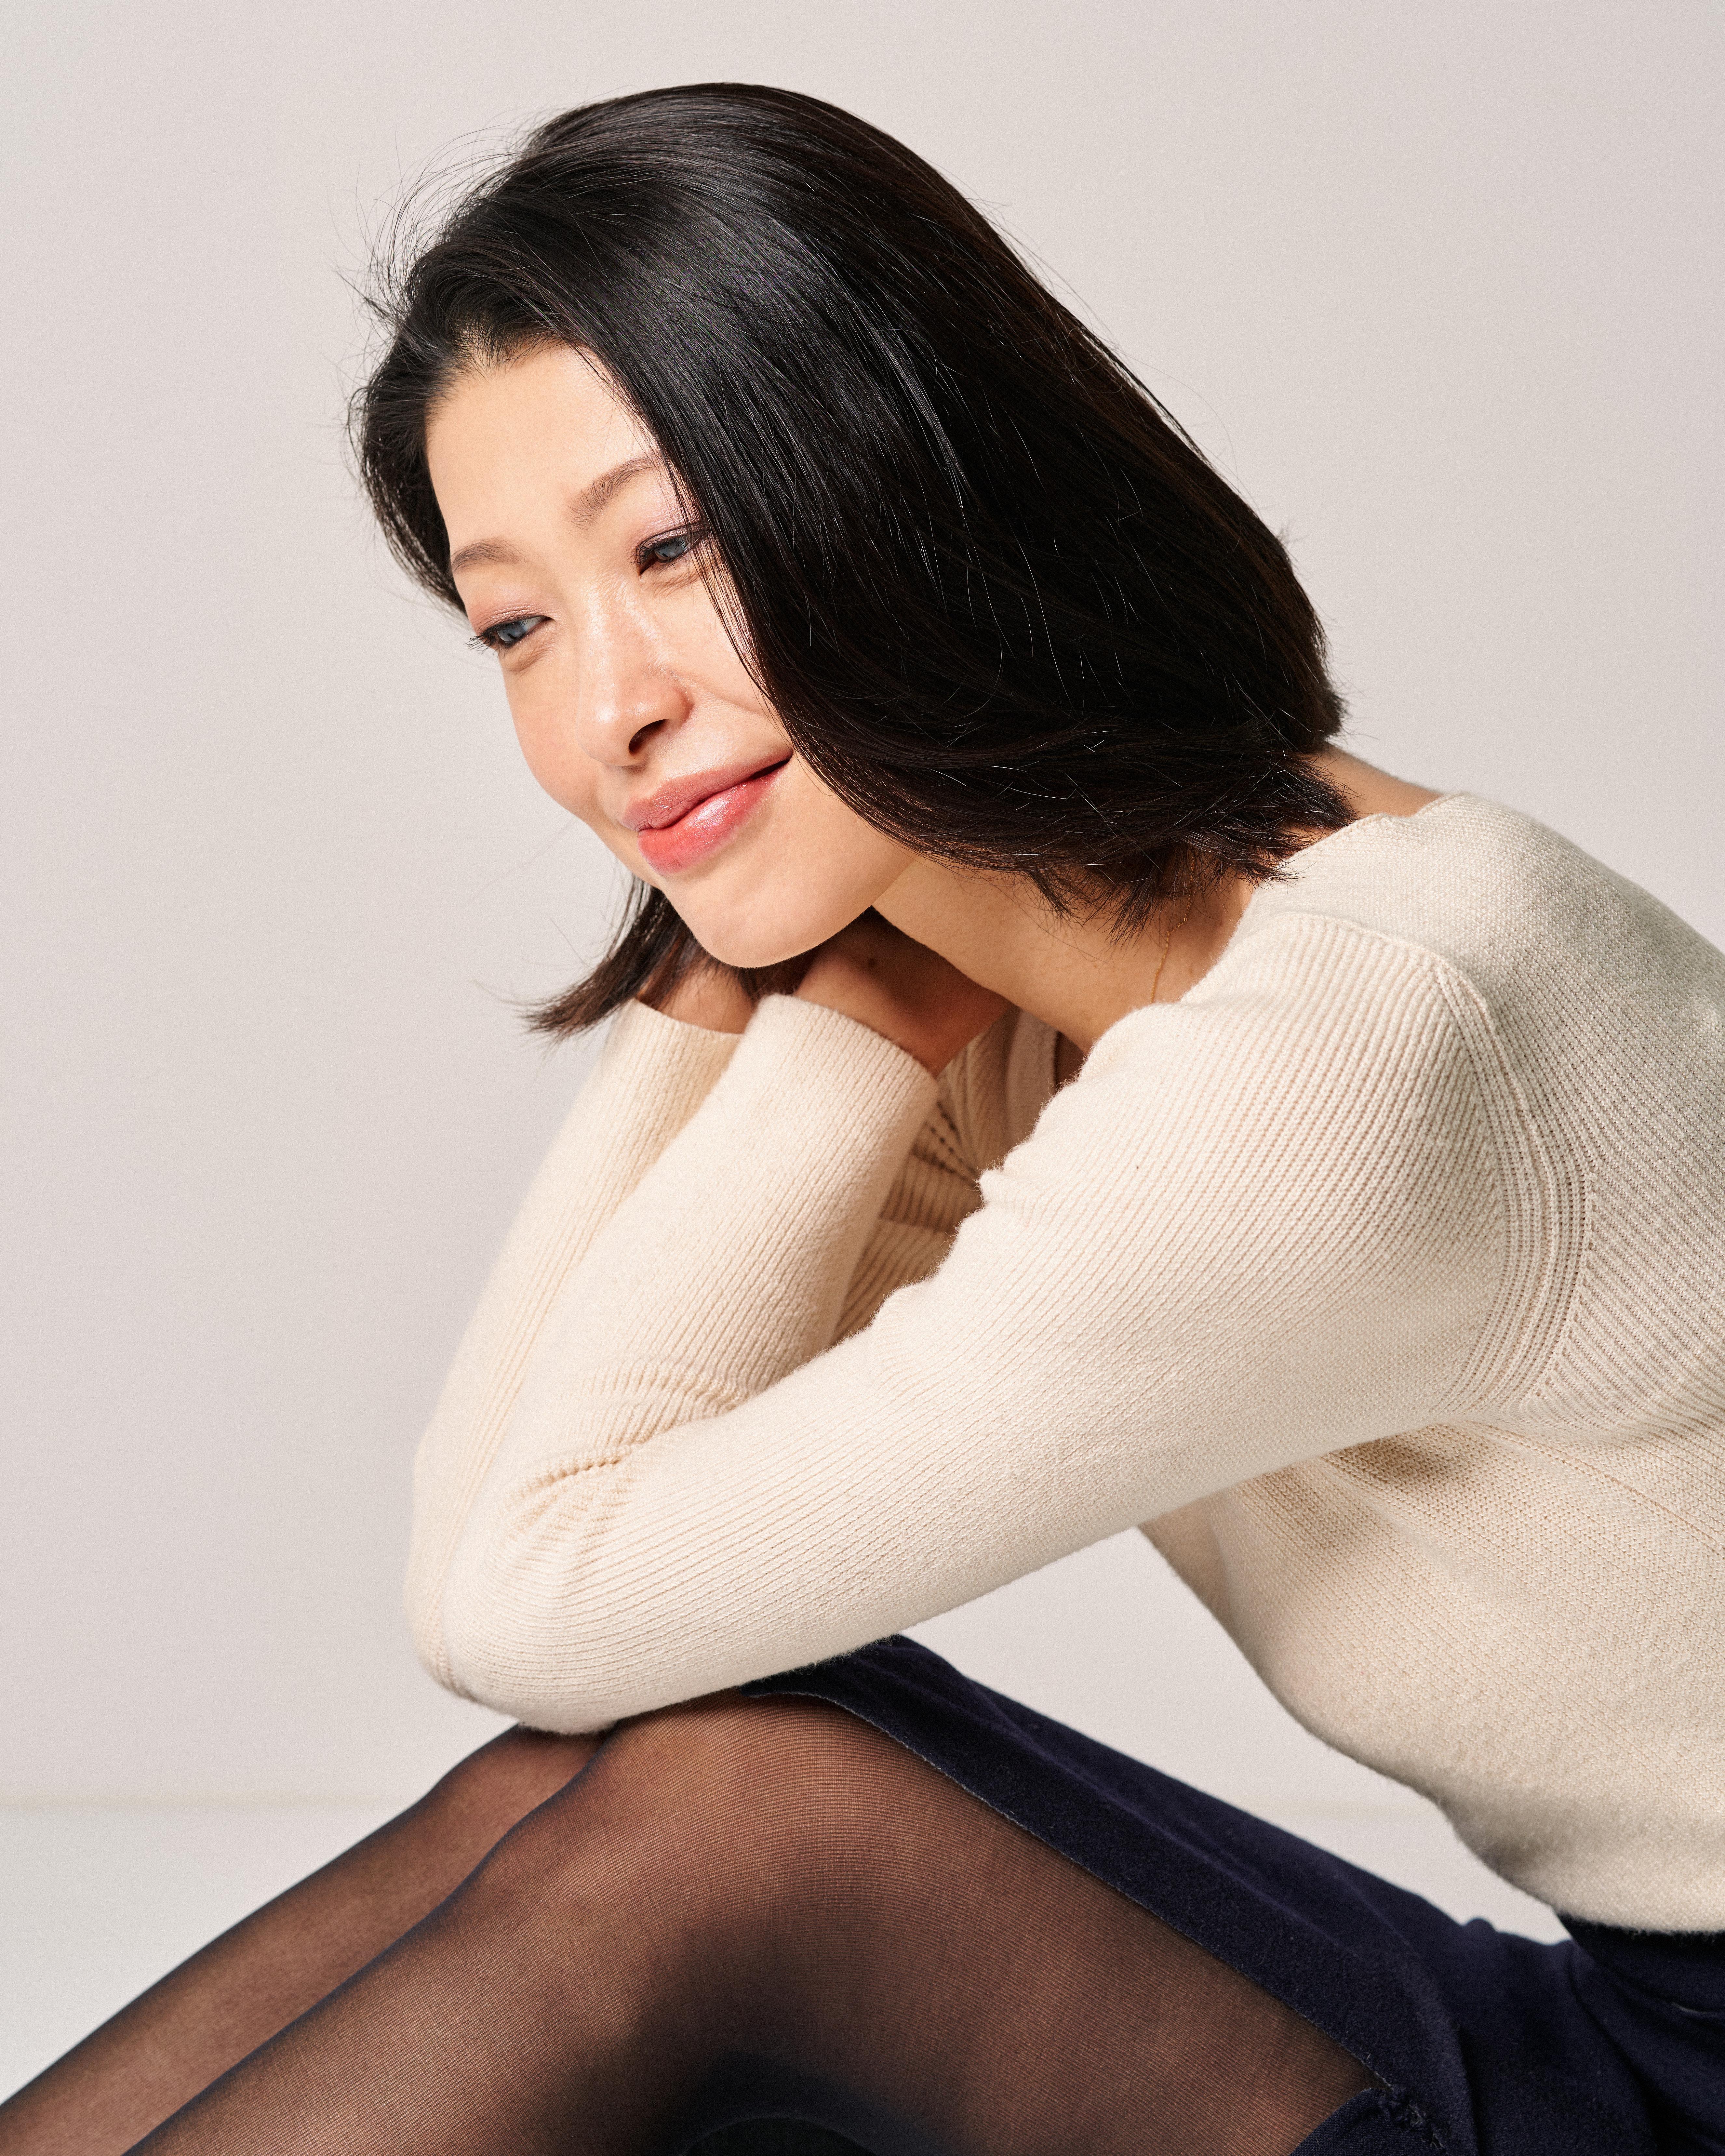 Model: Hiromi Kawamoto 01